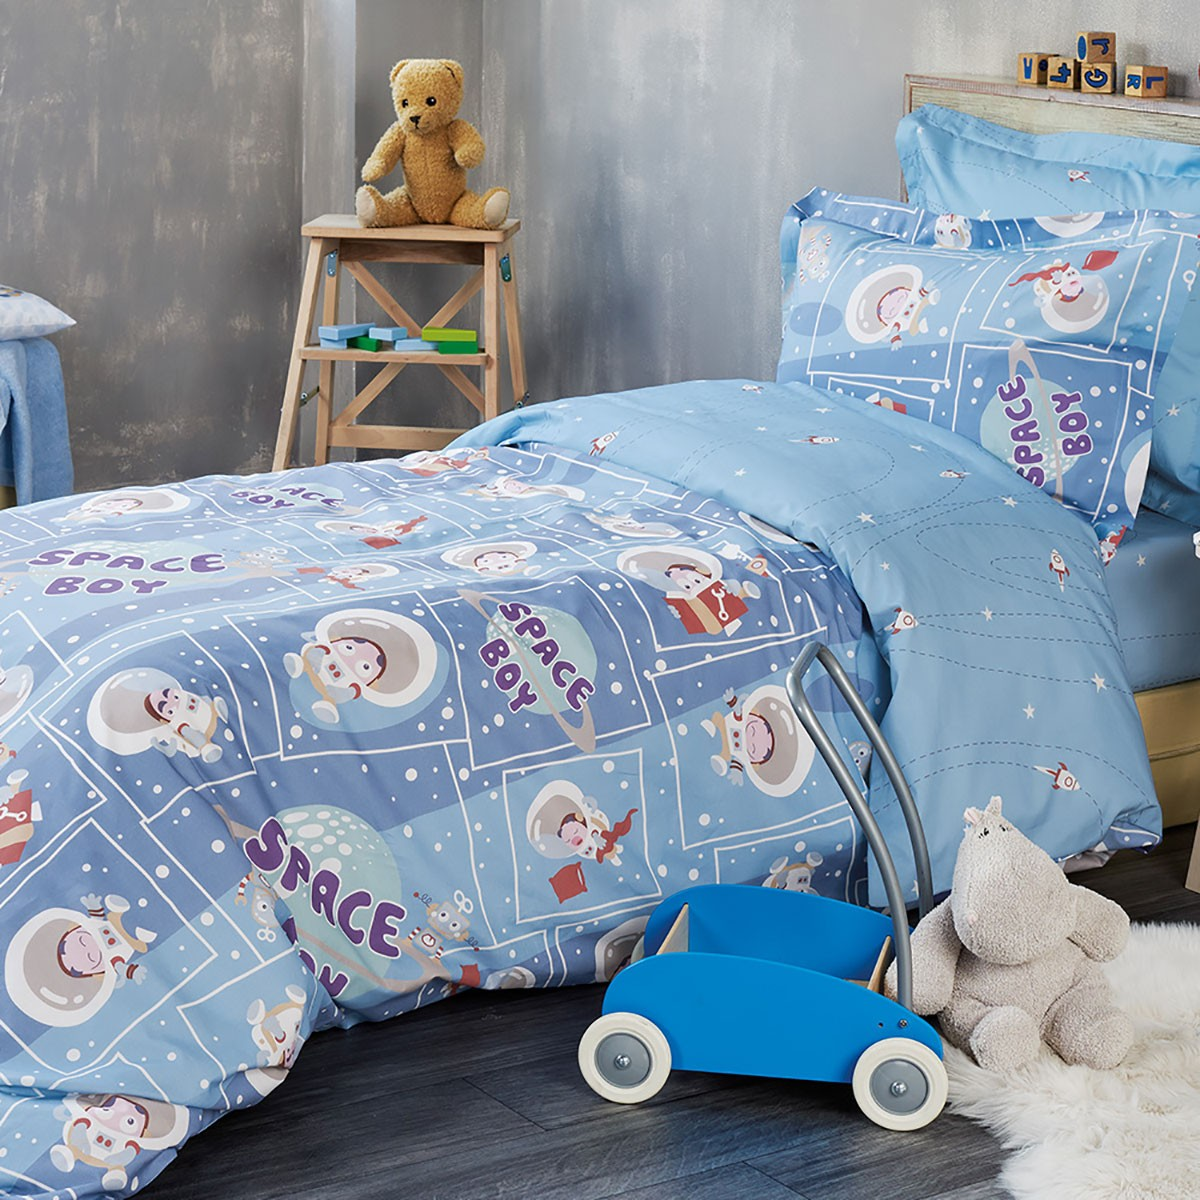 Παπλωματοθήκη Μονή (Σετ) Kentia Kids Collection Spaceboy 55142